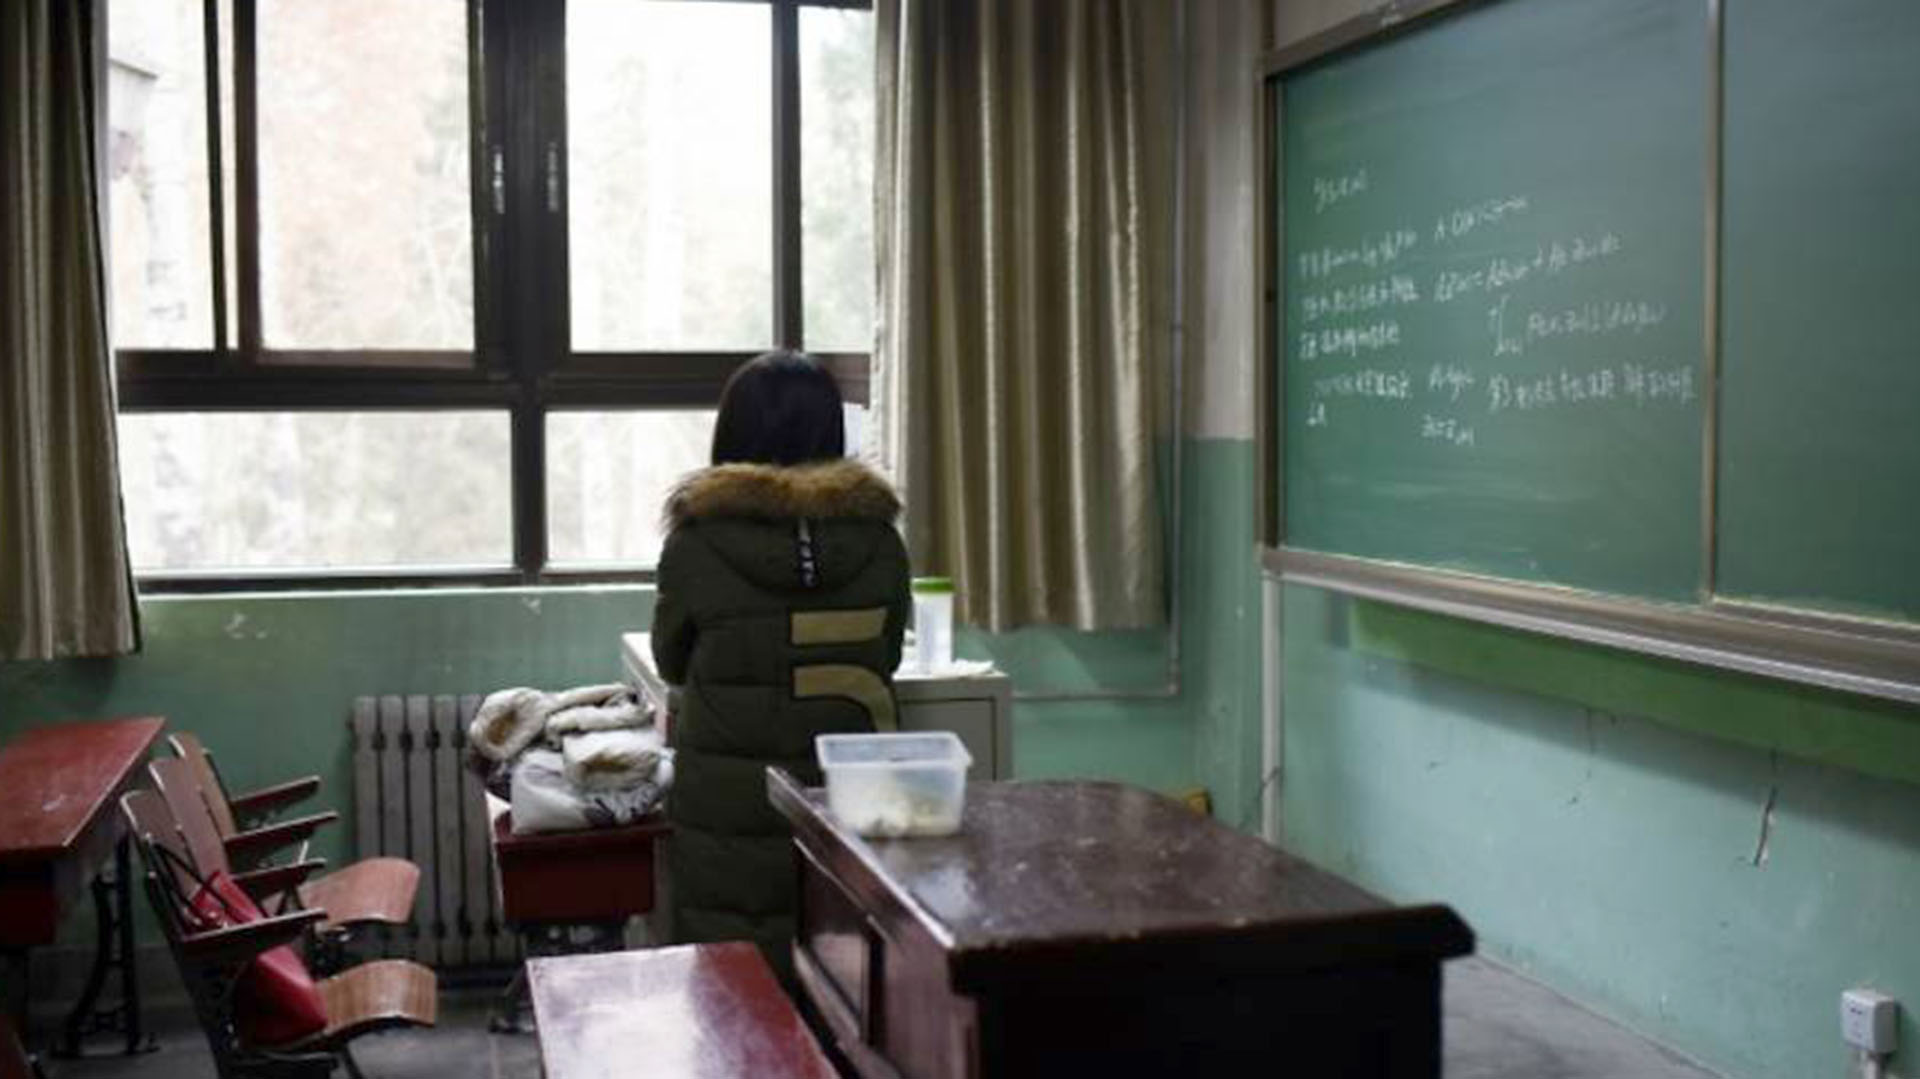 Pese a su inicial apoyo,las autoridades chinas han retrocedido su defensa a las estudiantes que han sido víctimas de acoso sexual en las universidades (AFP)